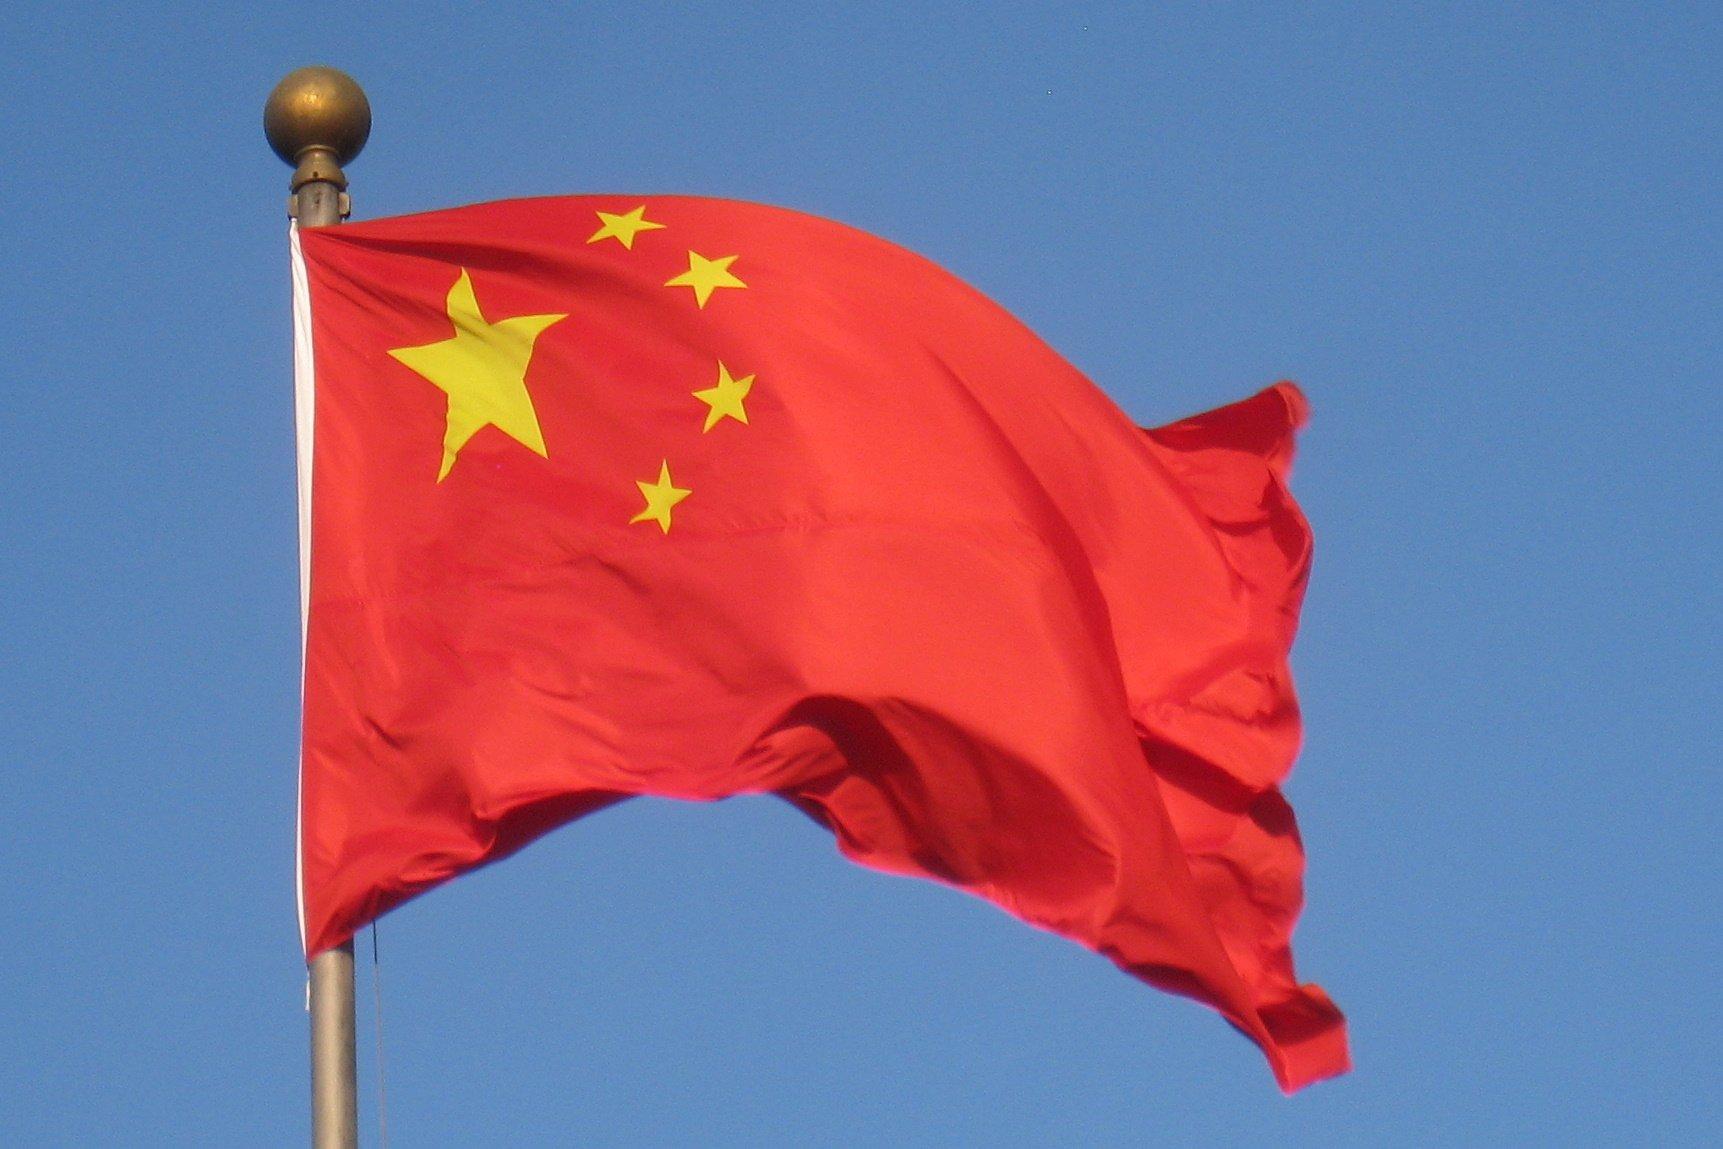 توقعات بتجاوز النمو الاقتصادي في الصين 6.5% في 2018